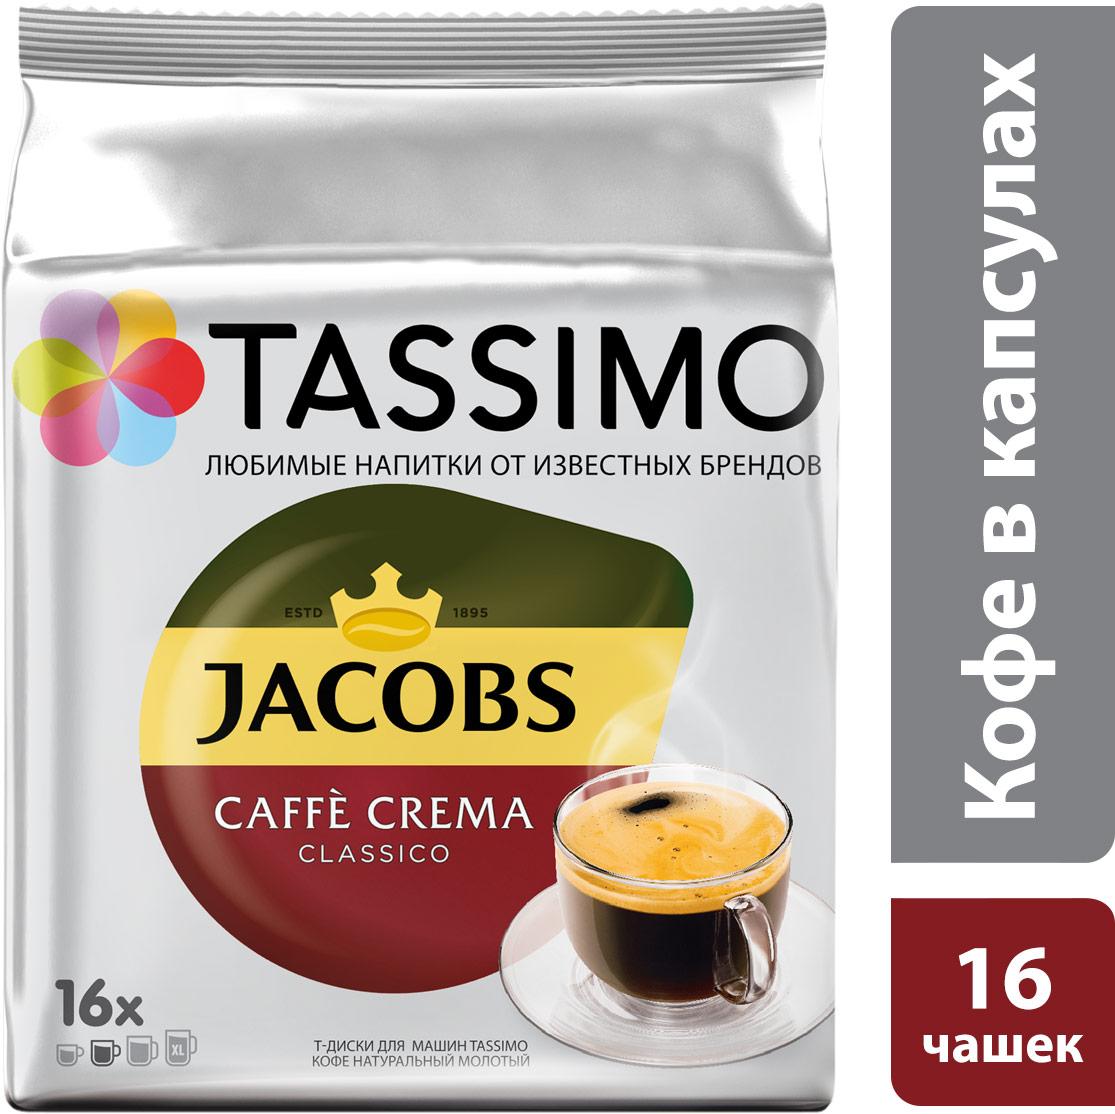 Кофе в капсулах Tassimo Jacobs Caffe Crema, 16 порций